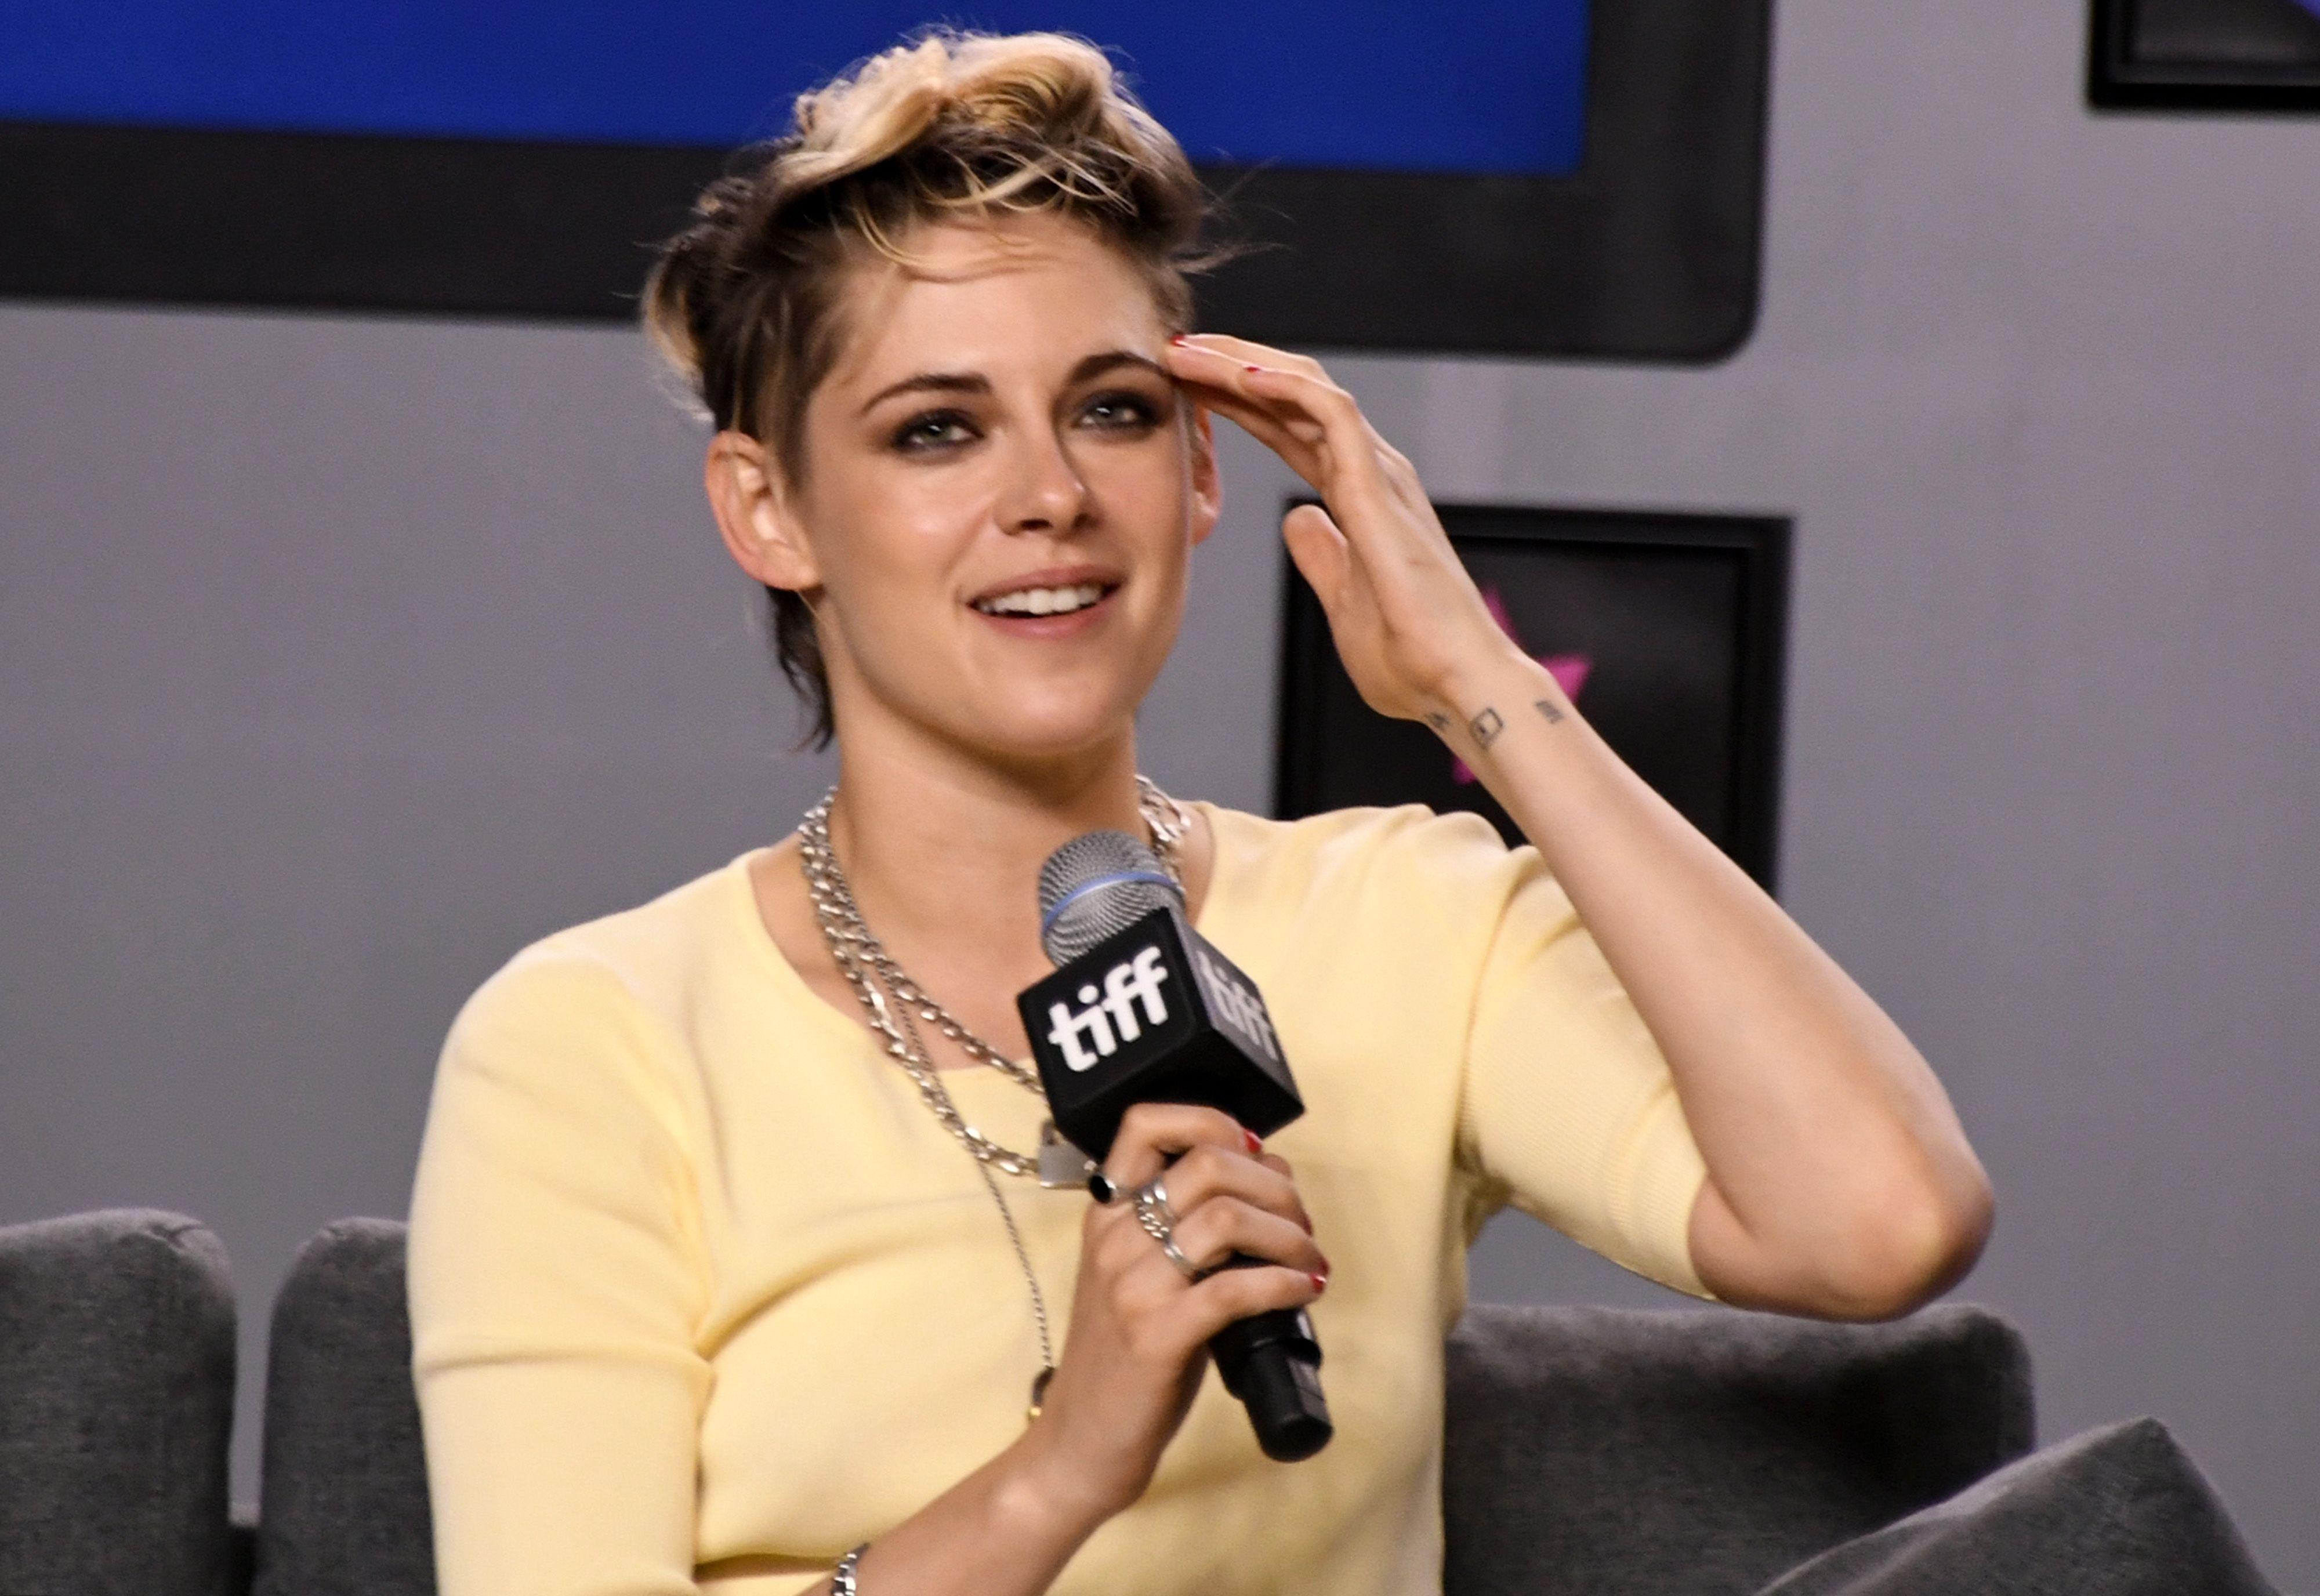 Kristen Stewart shares her support for Robert Pattinson as Batman